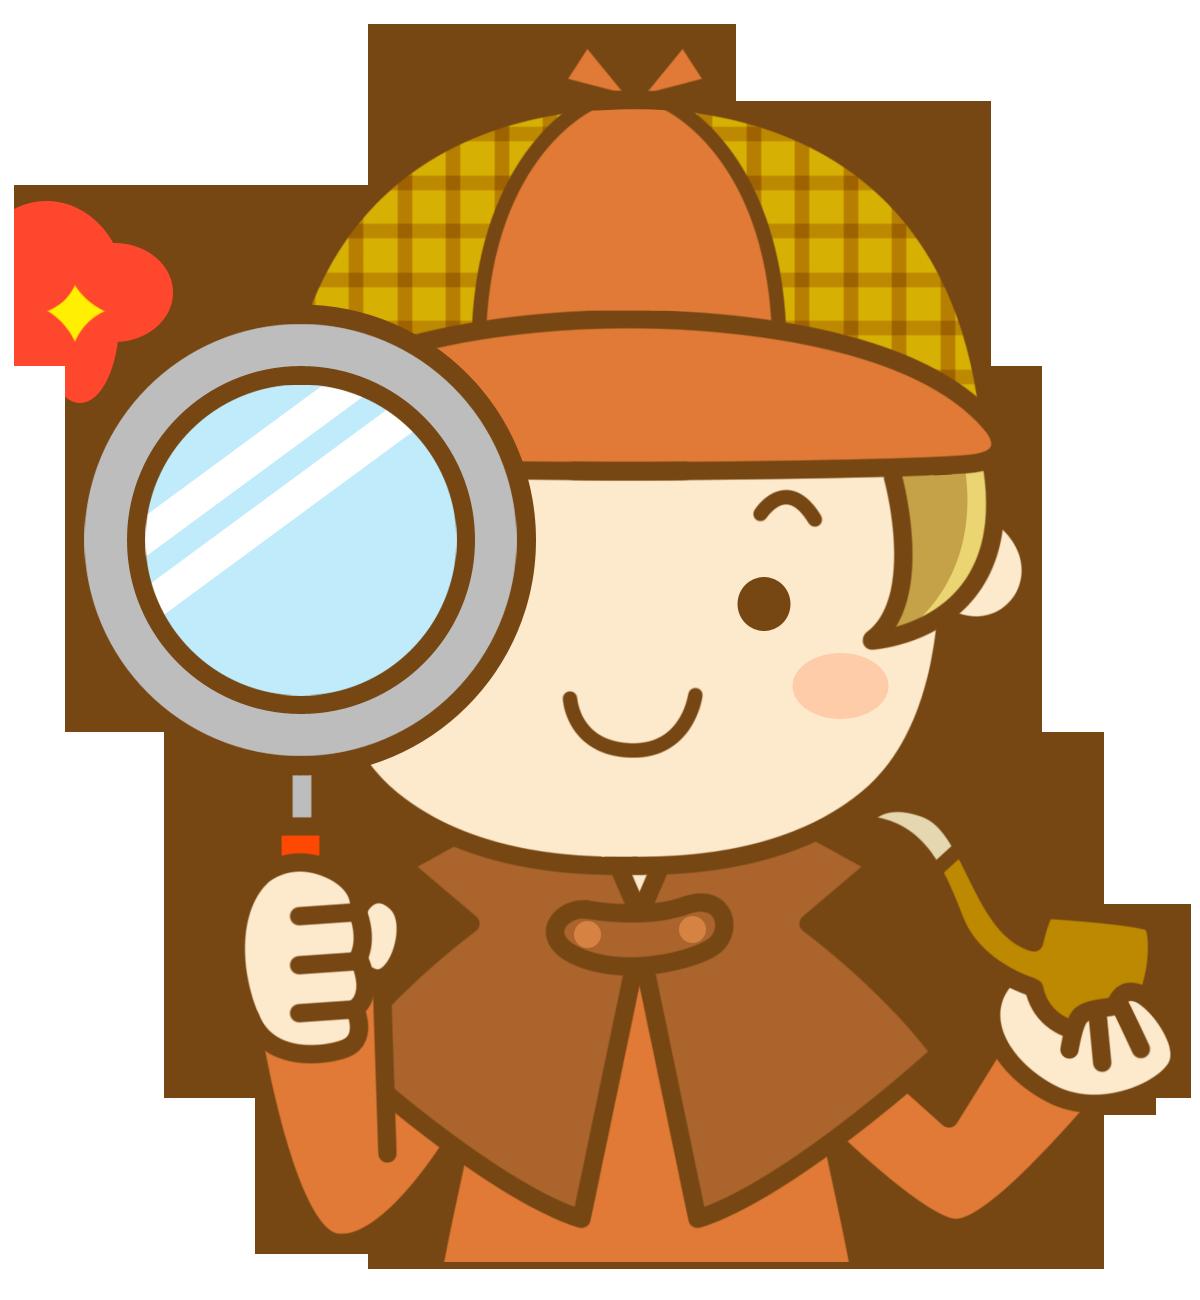 探偵比較サイト|元探偵が教える【失敗しない!はじめての浮気調査ランキング】管理人の探偵雷太(探偵専門ライター)